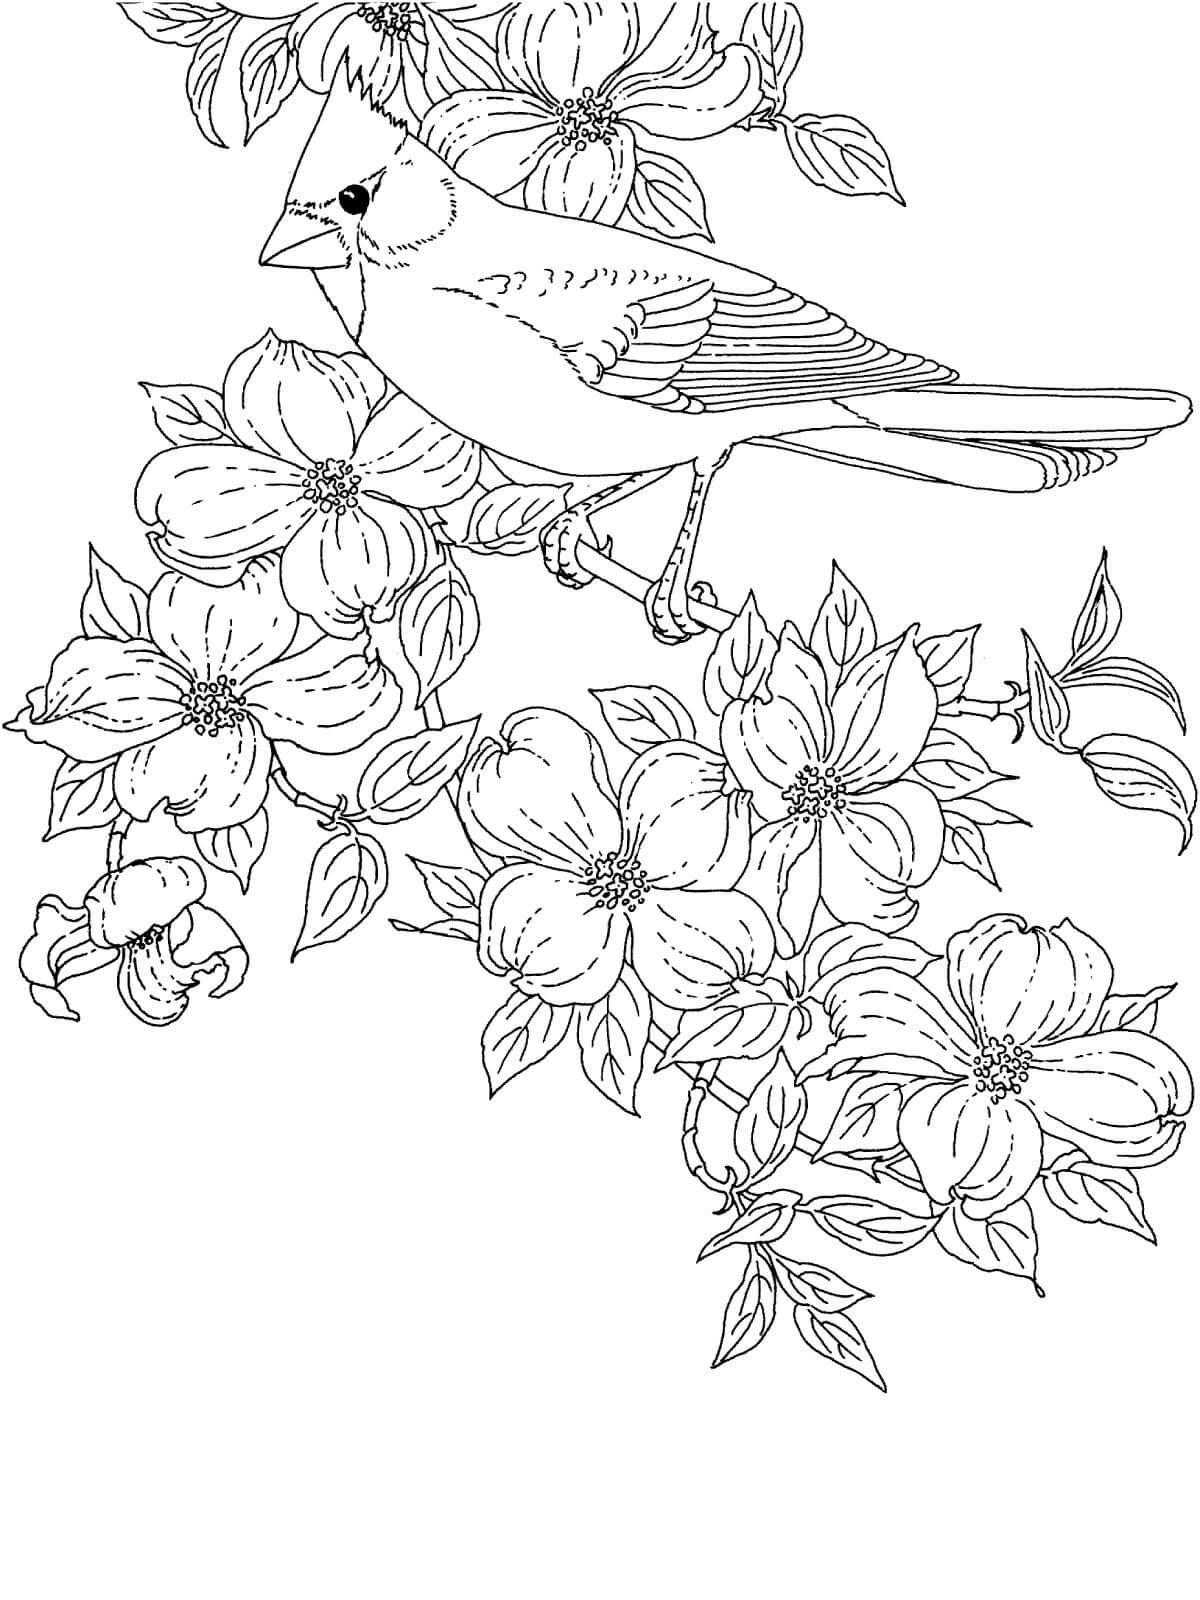 Птичка с хохолком на цветущей ветке дерева Распечатываем раскраски цветы бесплатно